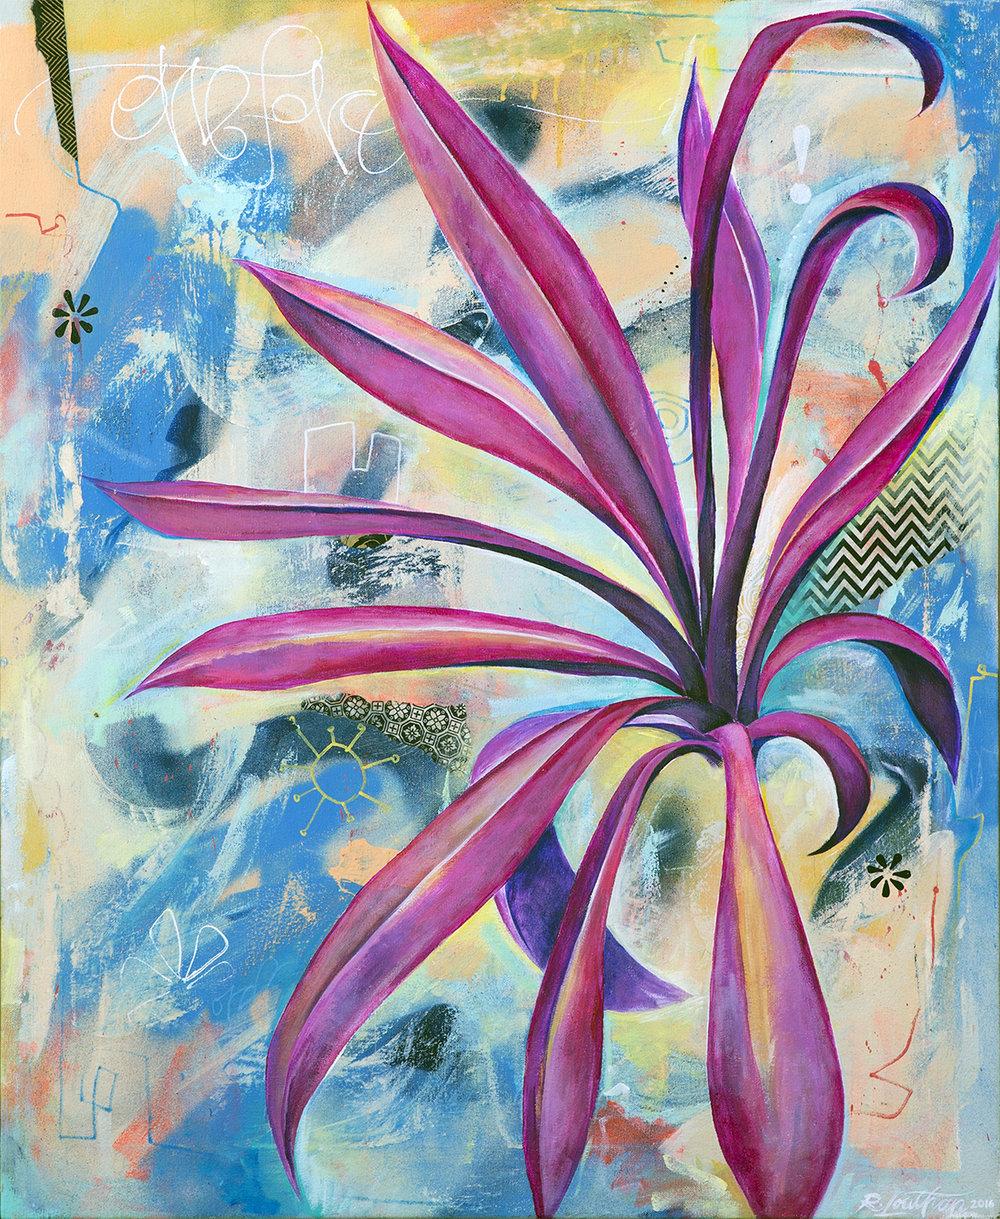 'Flora' Acrylic/Aerosol on canvas. 34h x 28w. 2015